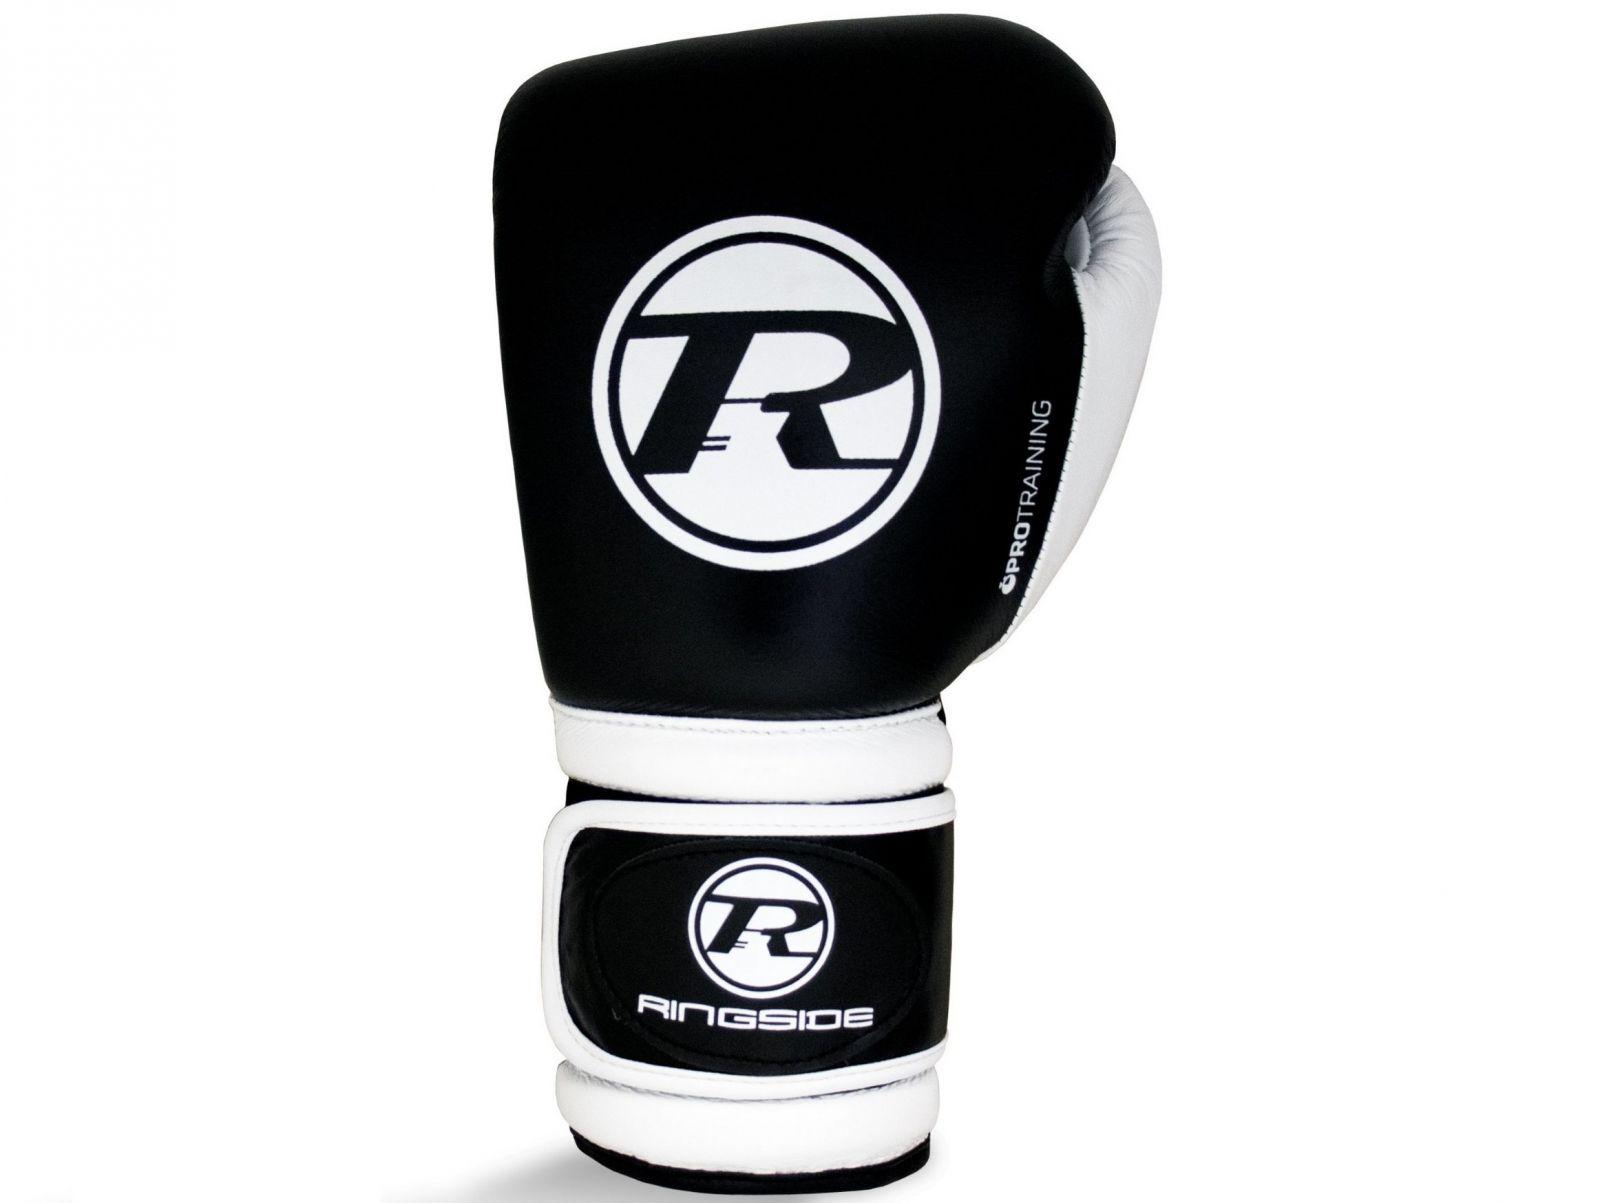 RINGSIDE Boxerské rukavice Pro Training G1 (16oz) - černá/bílá